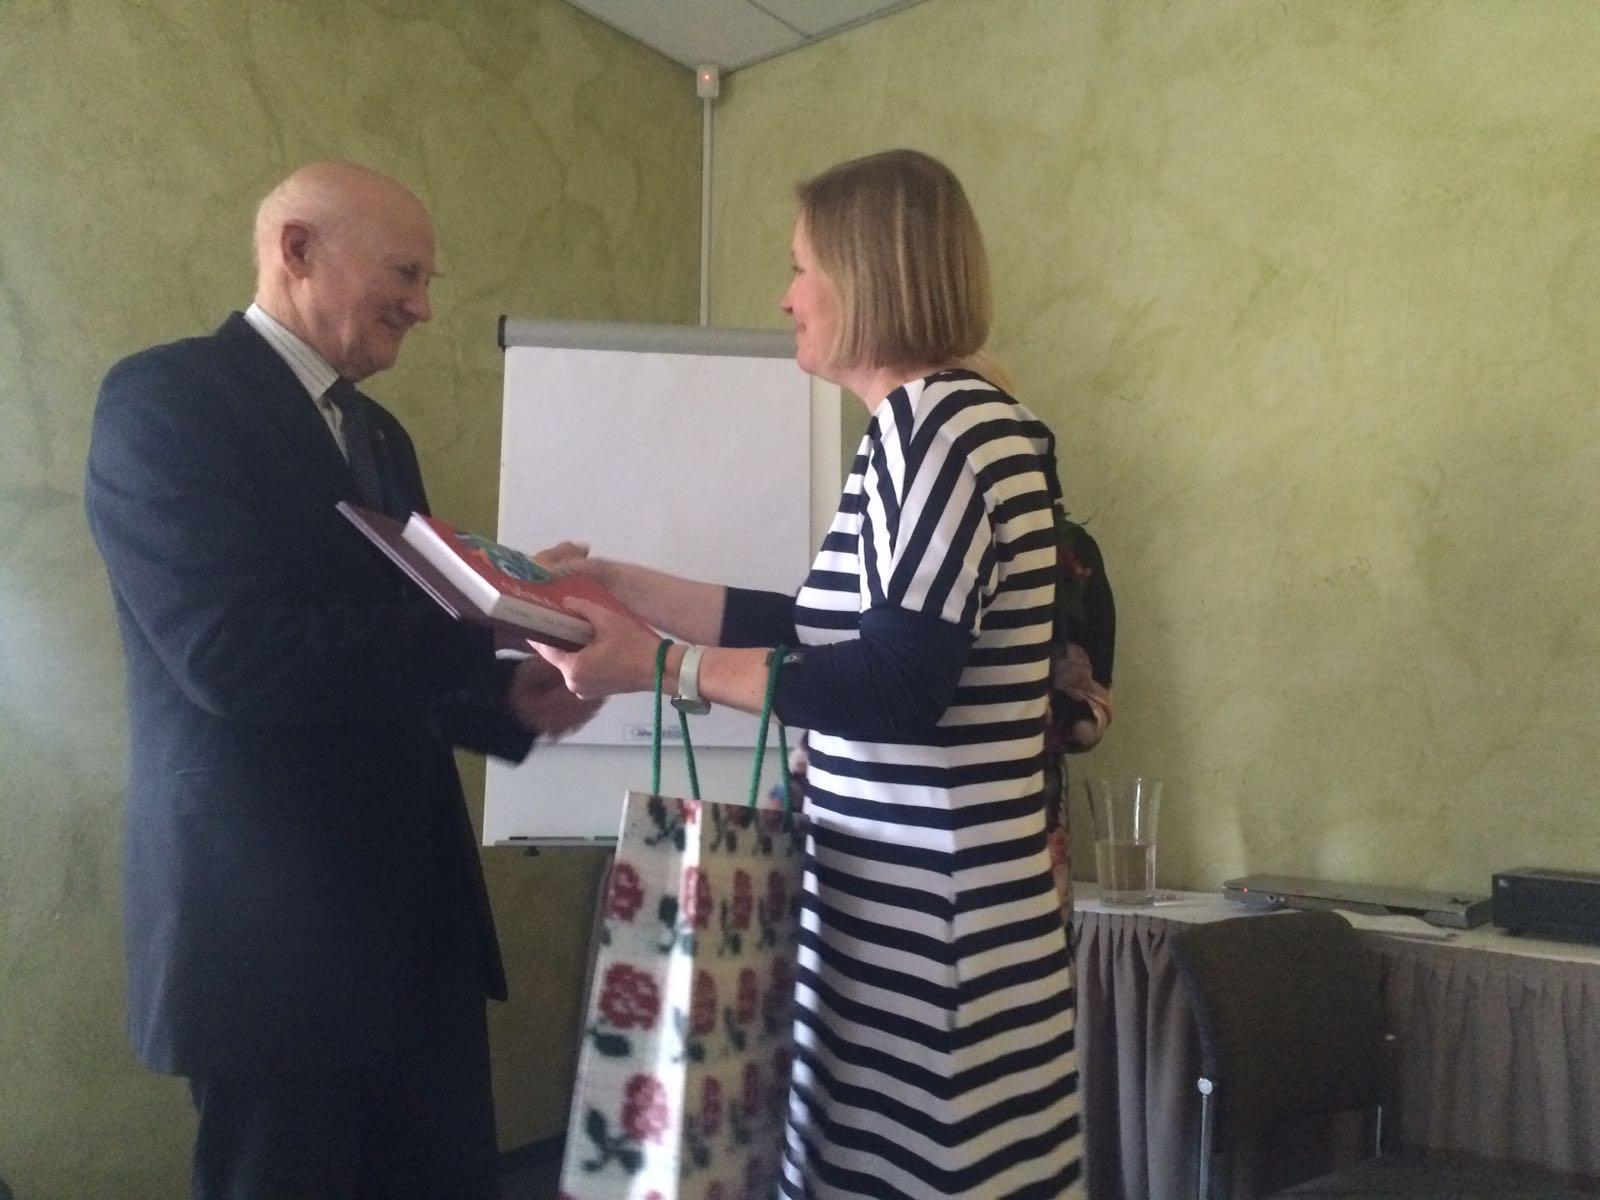 Profesors Jāzeps Keišs ievēlēts par Latvijas Infektologu, Hepatologu un HIV/AIDS speciālistu asociācijas Goda biedru. Apsveicam!